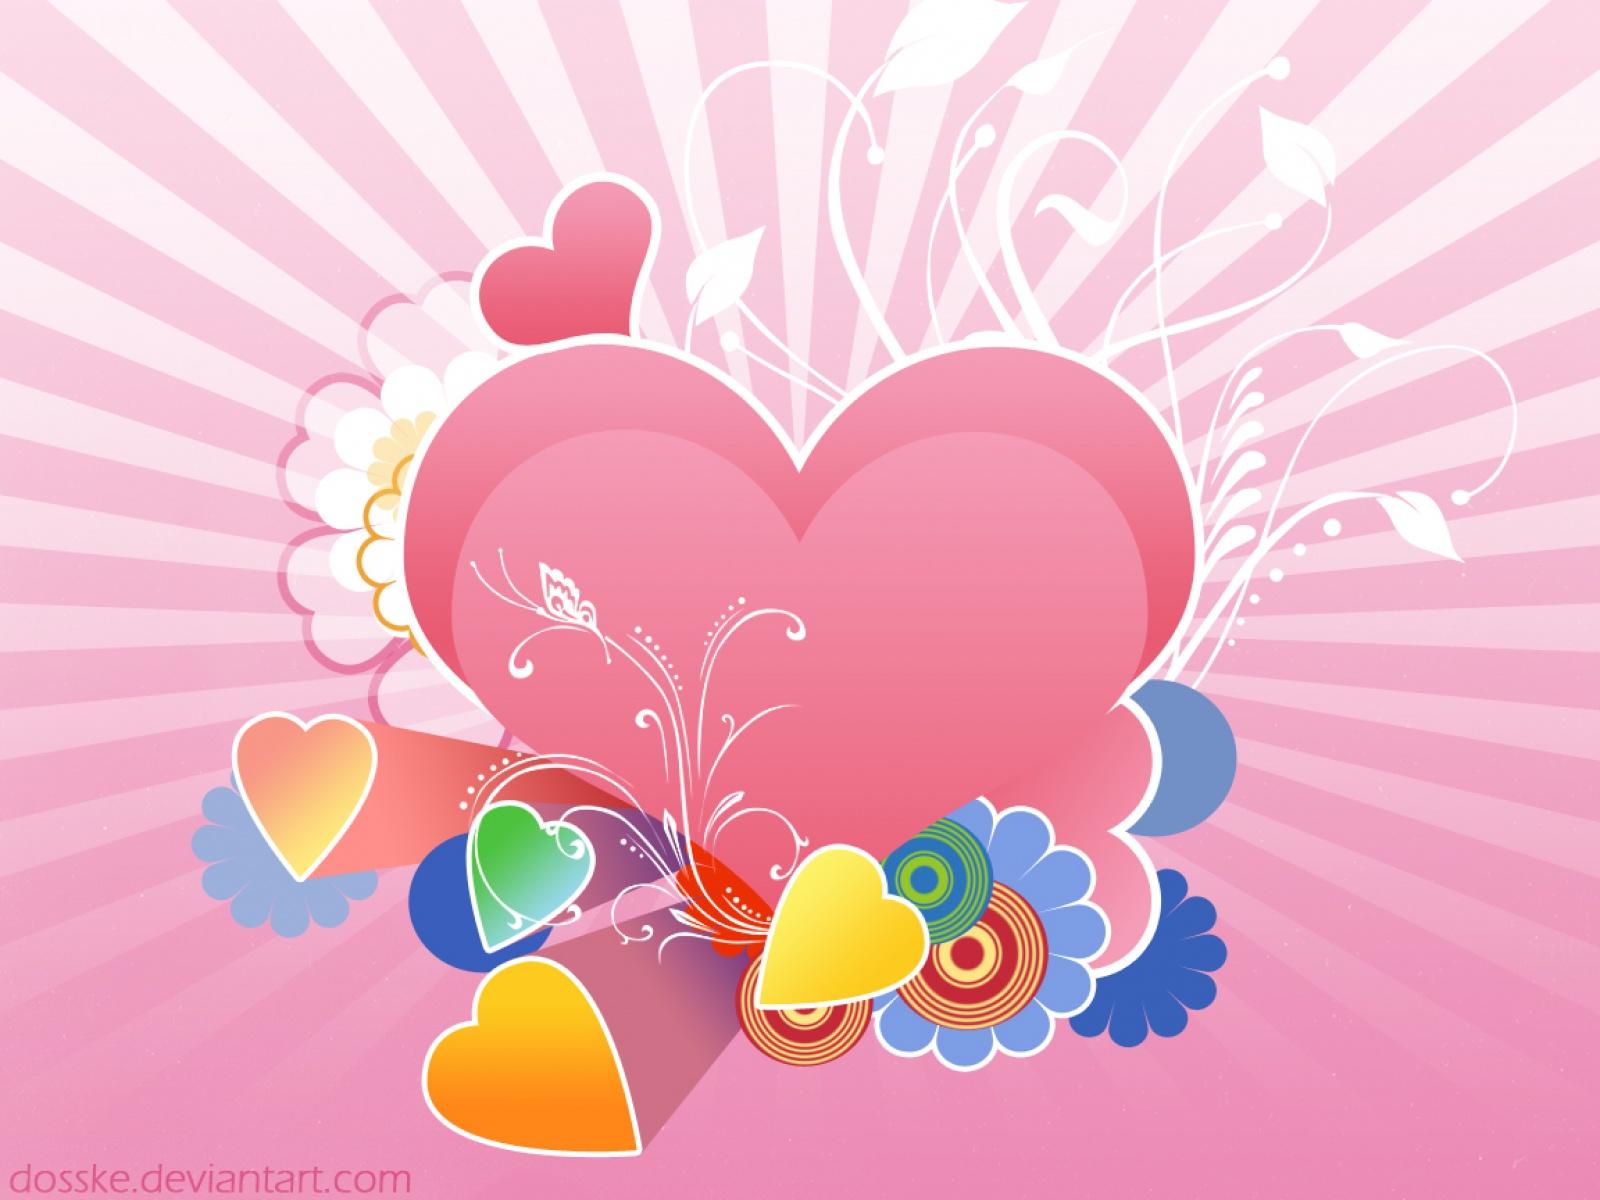 Valentijn achtergronden hd wallpapers - Heart to heart wallpaper ...